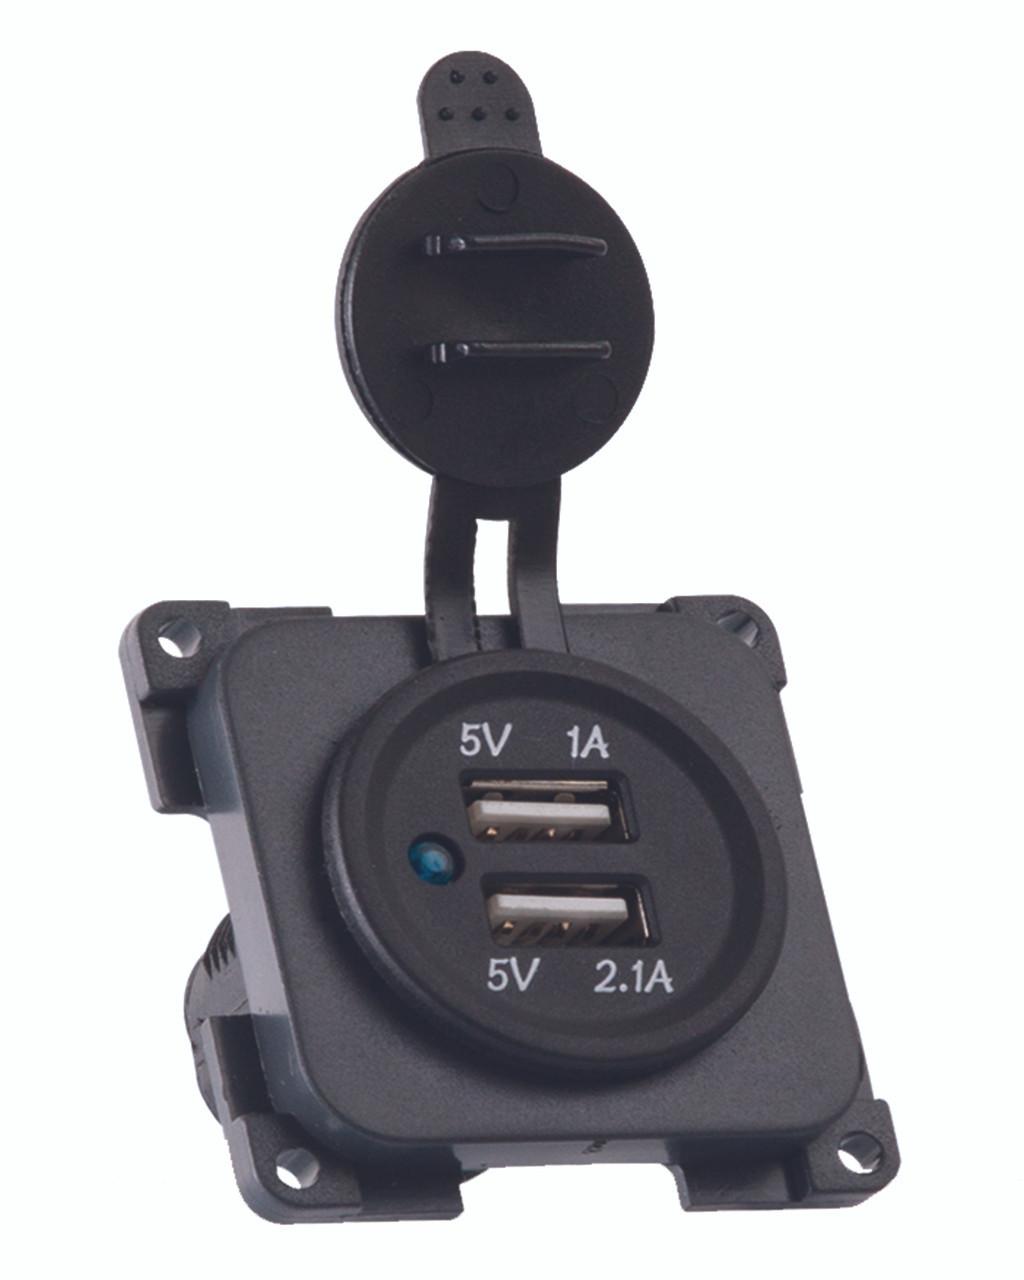 AERIAL /& 12V SOCKET /& FRAME for CBE or C-LINE SYSTEMS CARAVAN MOTORHOME HORSEBOX